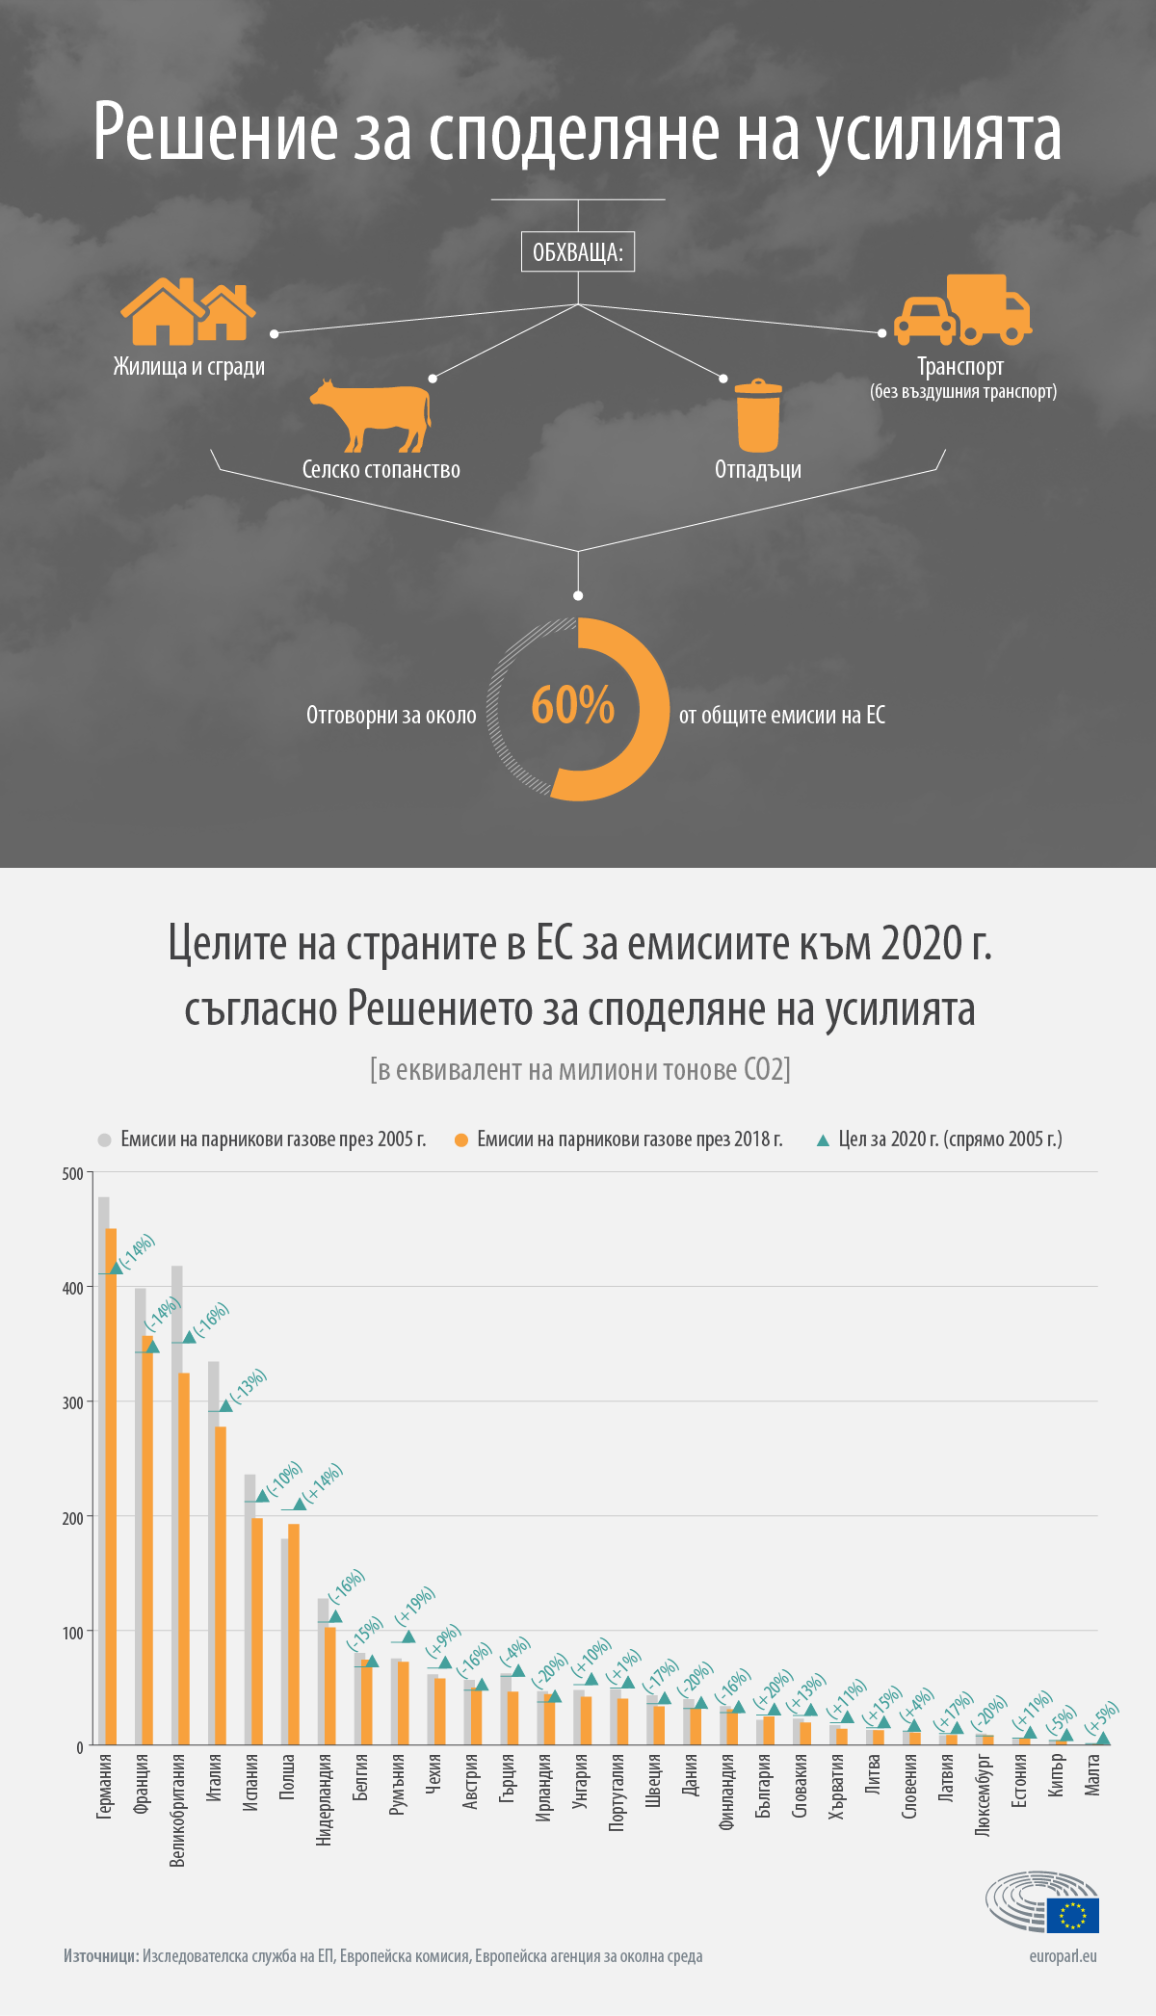 Инфографика: емисии на парникови газове на страните от ЕС през 2005 и 2018 г. и сравняване на напредъка към целта за 2020 г.